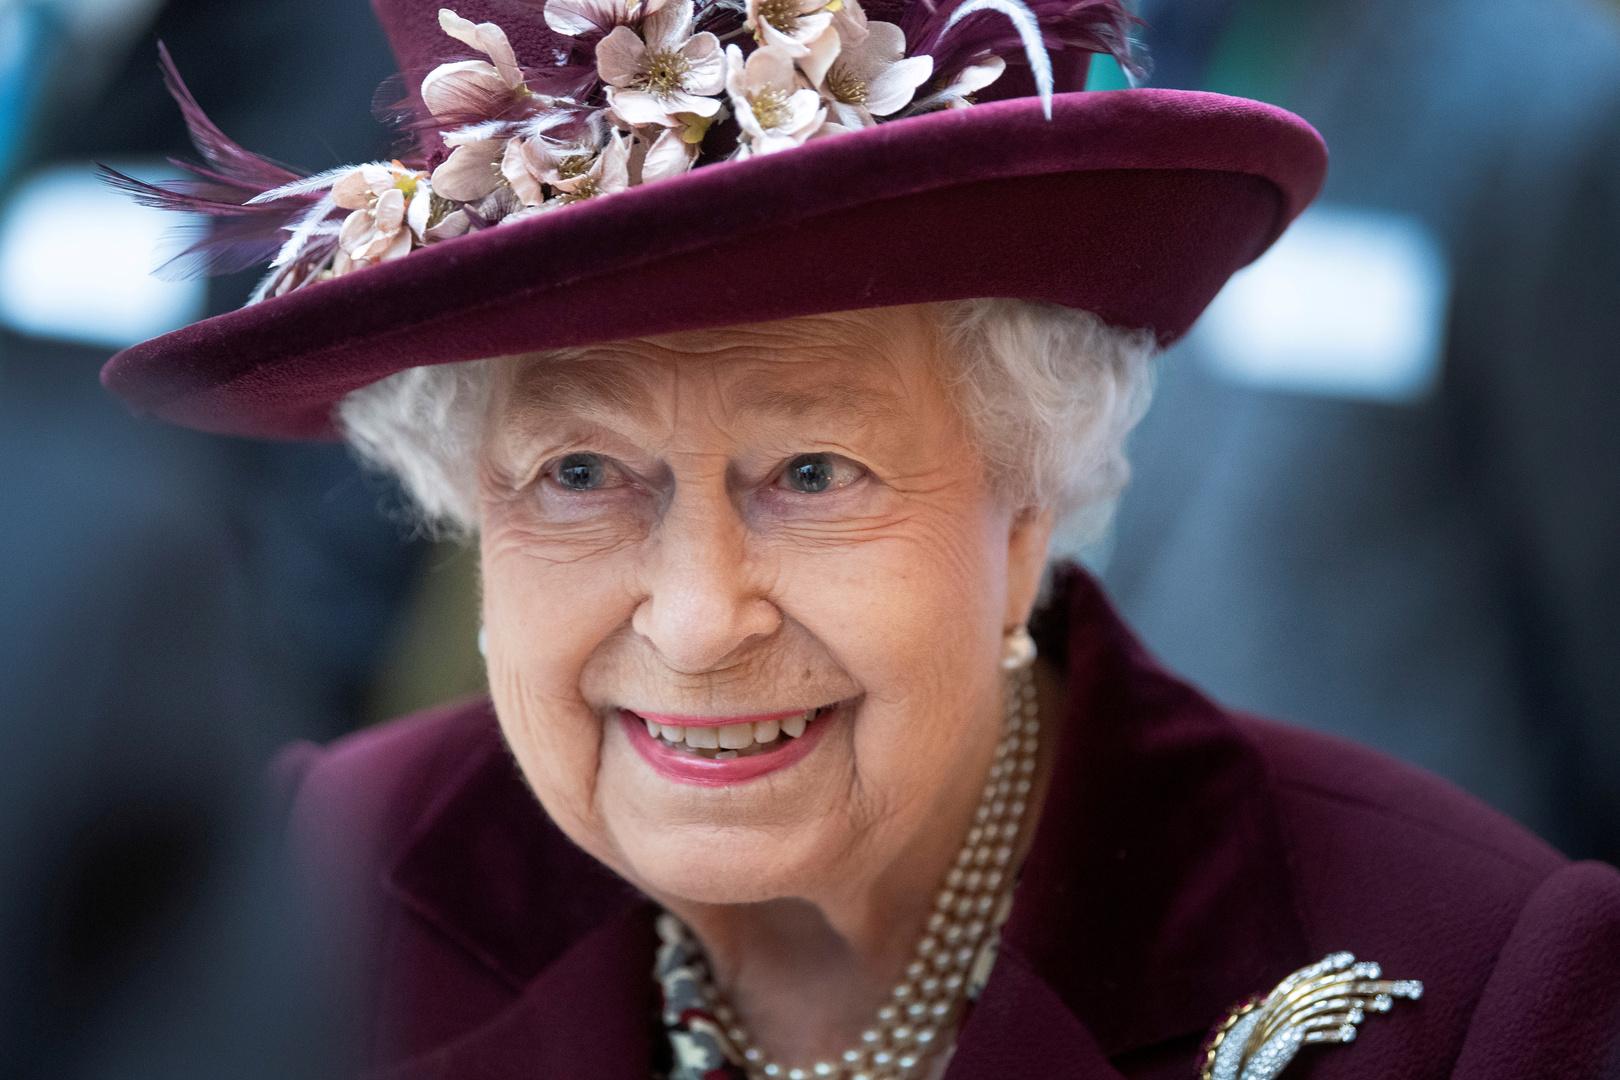 كيف استطاعت الملكة إليزابيث الحفاظ على صحتها طيلة 94 عاما.. السر داخل الحقيبة الجلدية!